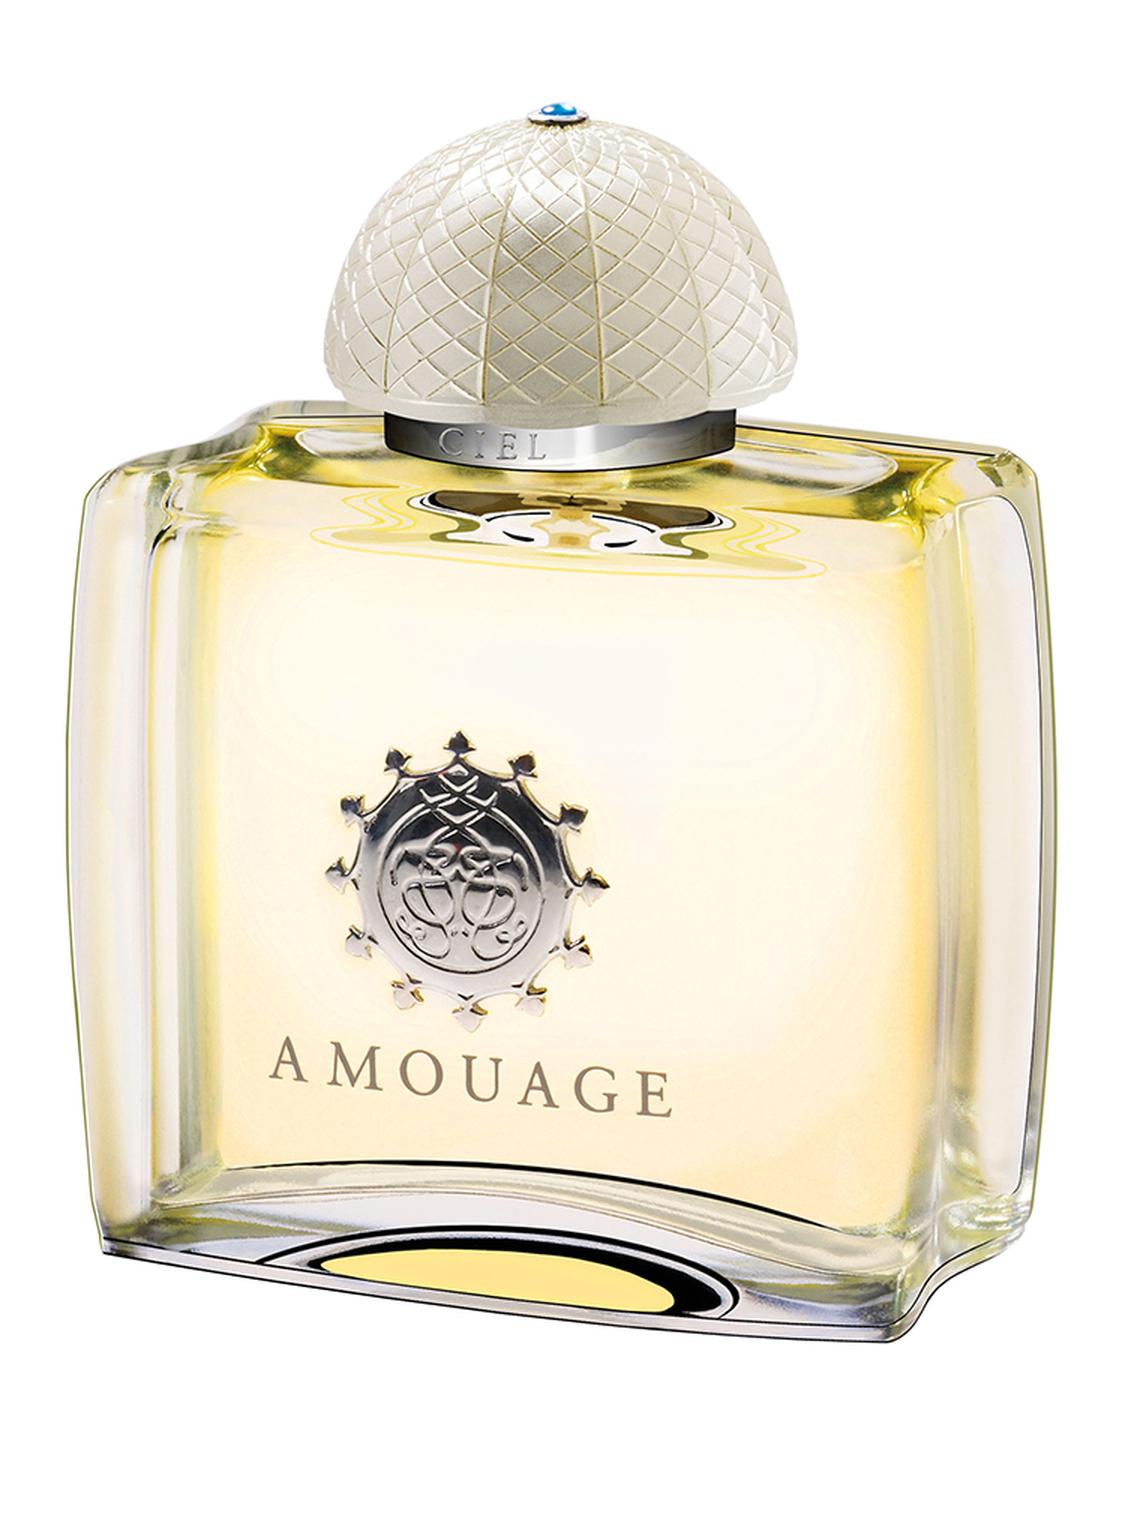 Image of Amouage Ciel Woman Eau de Parfum 100 ml